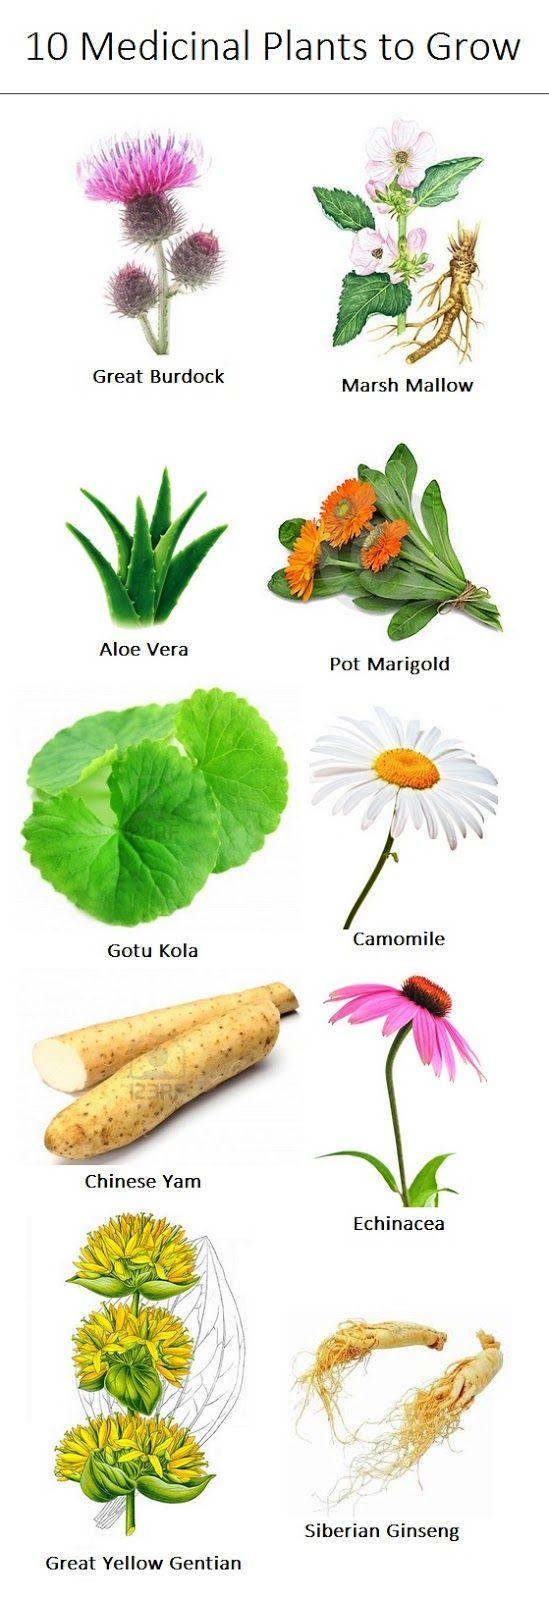 10 Medicinal Herbs to Grow